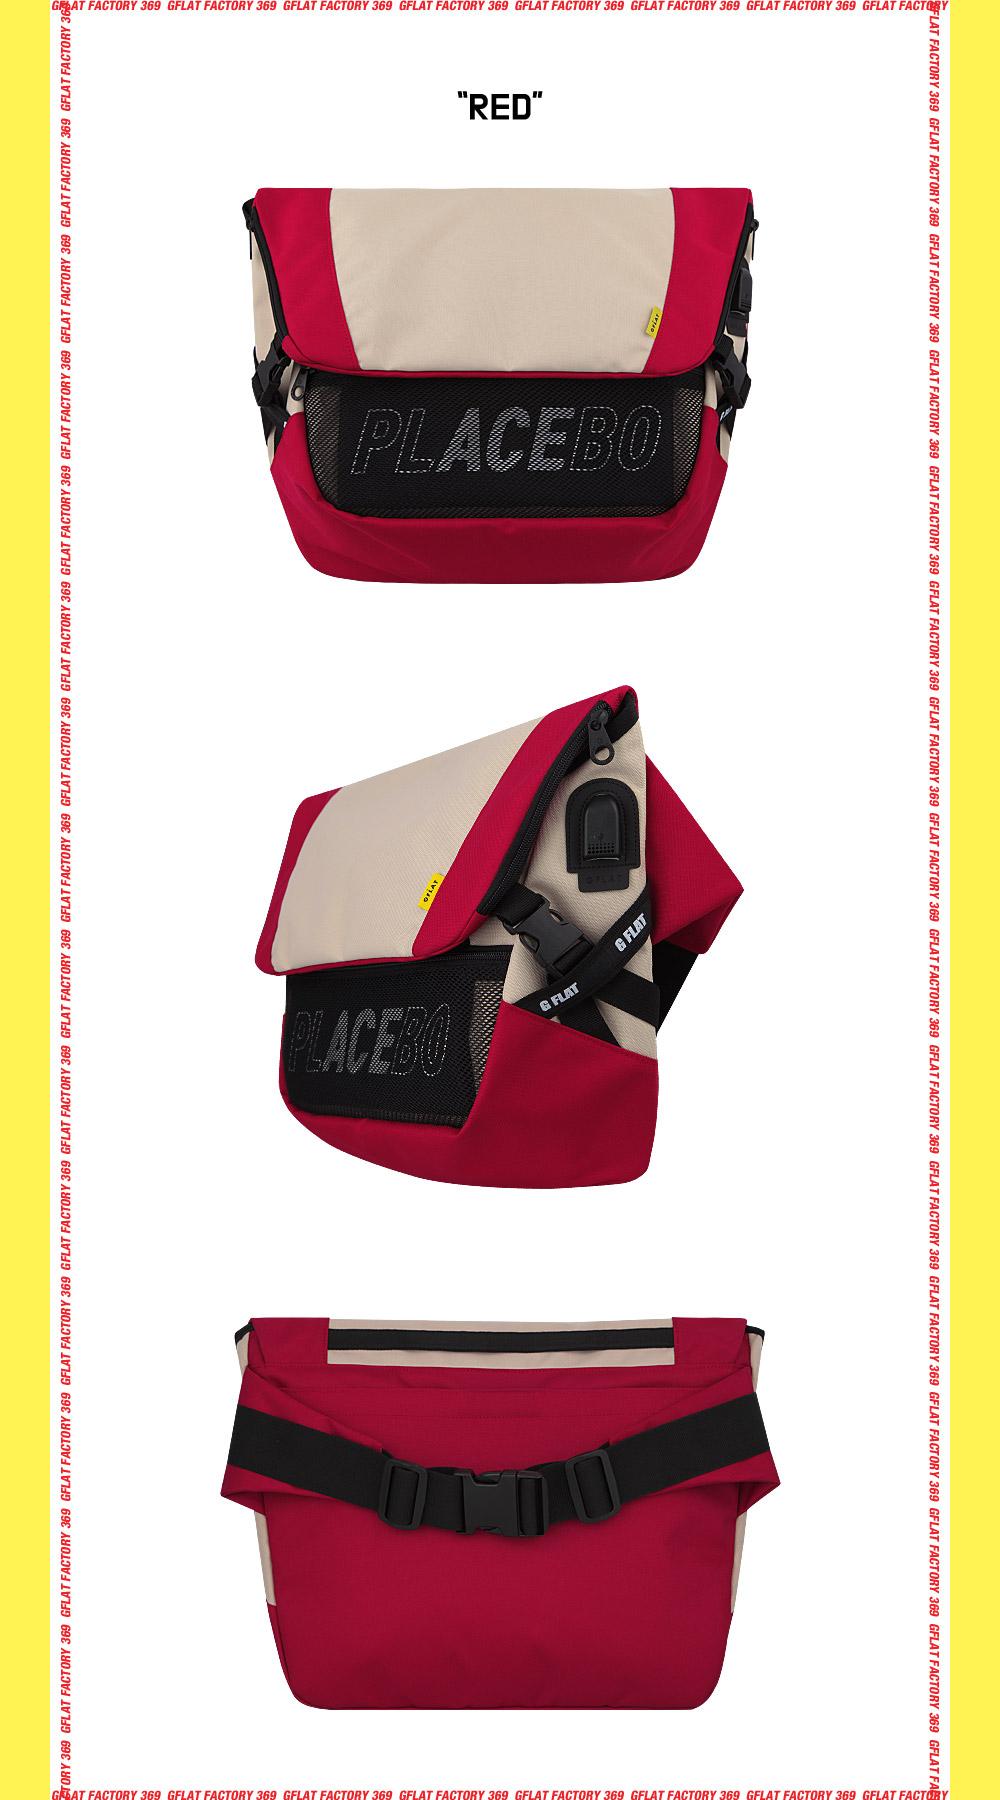 지플랫(G-FLAT) [파우치증정] USB포트 플라시보 91 메신저백 (RED)